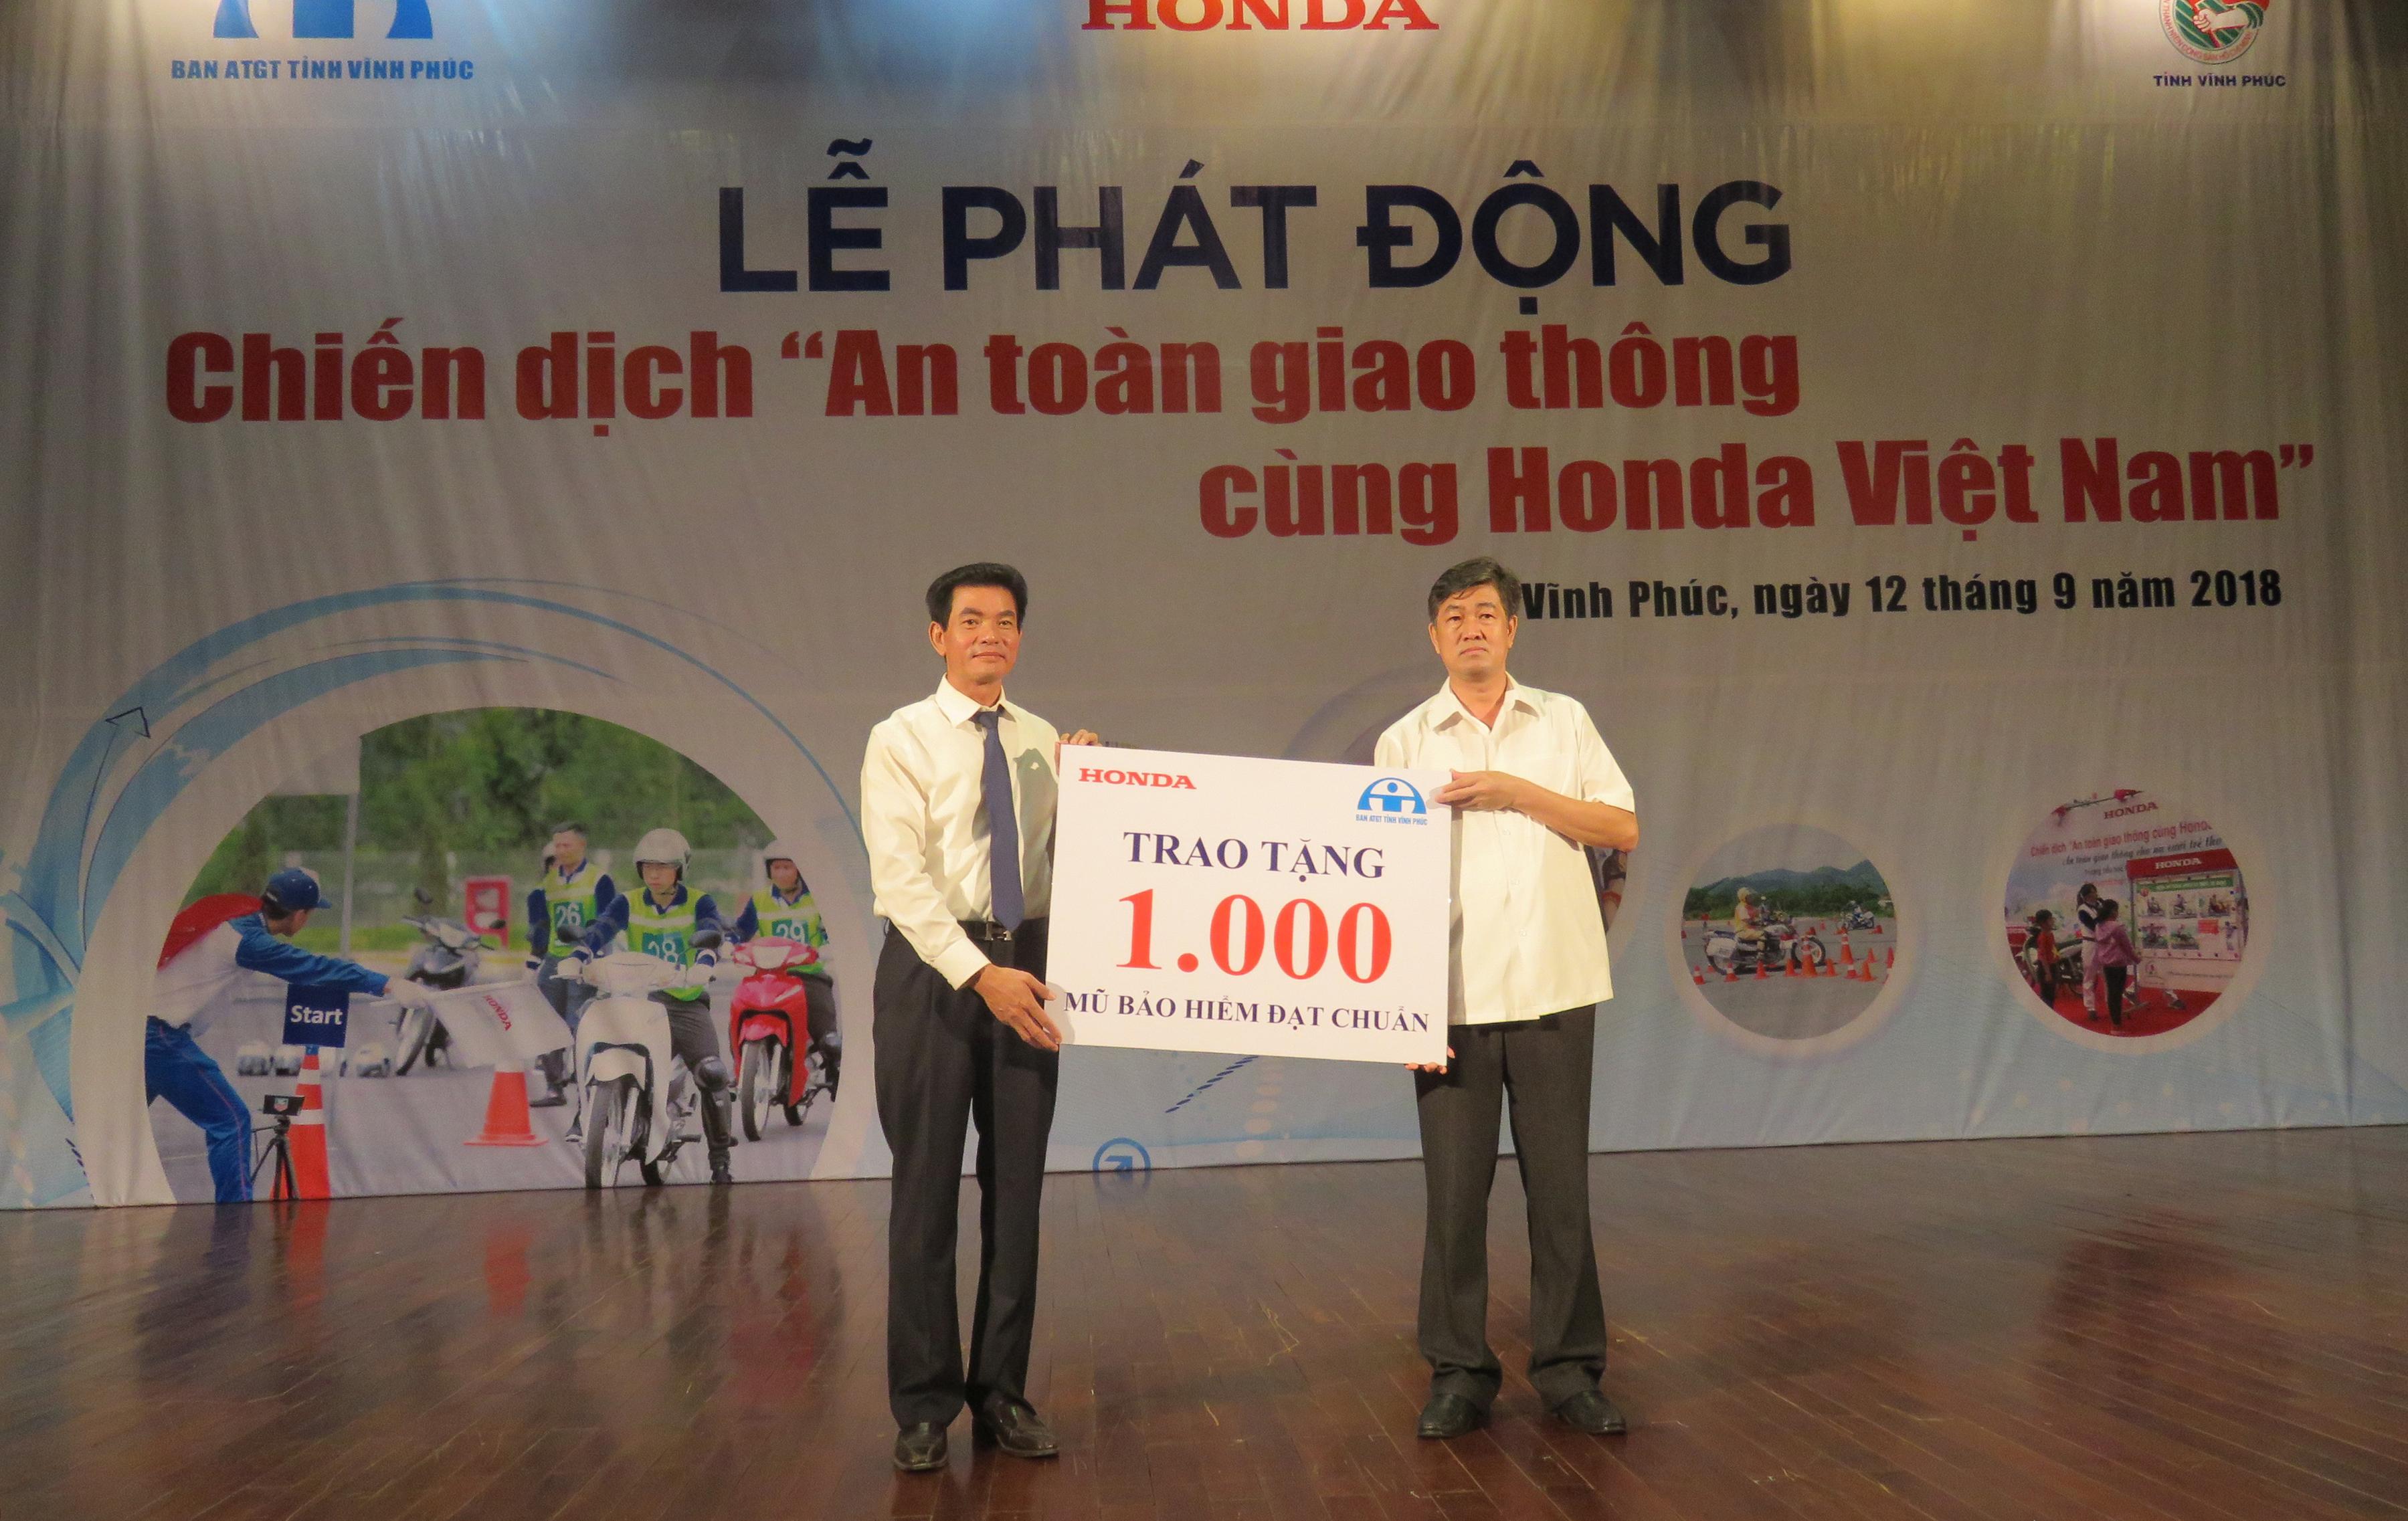 honda4-mr-hue-tang-100-mu-cho-ban-atgt-tinh-vp.JPG